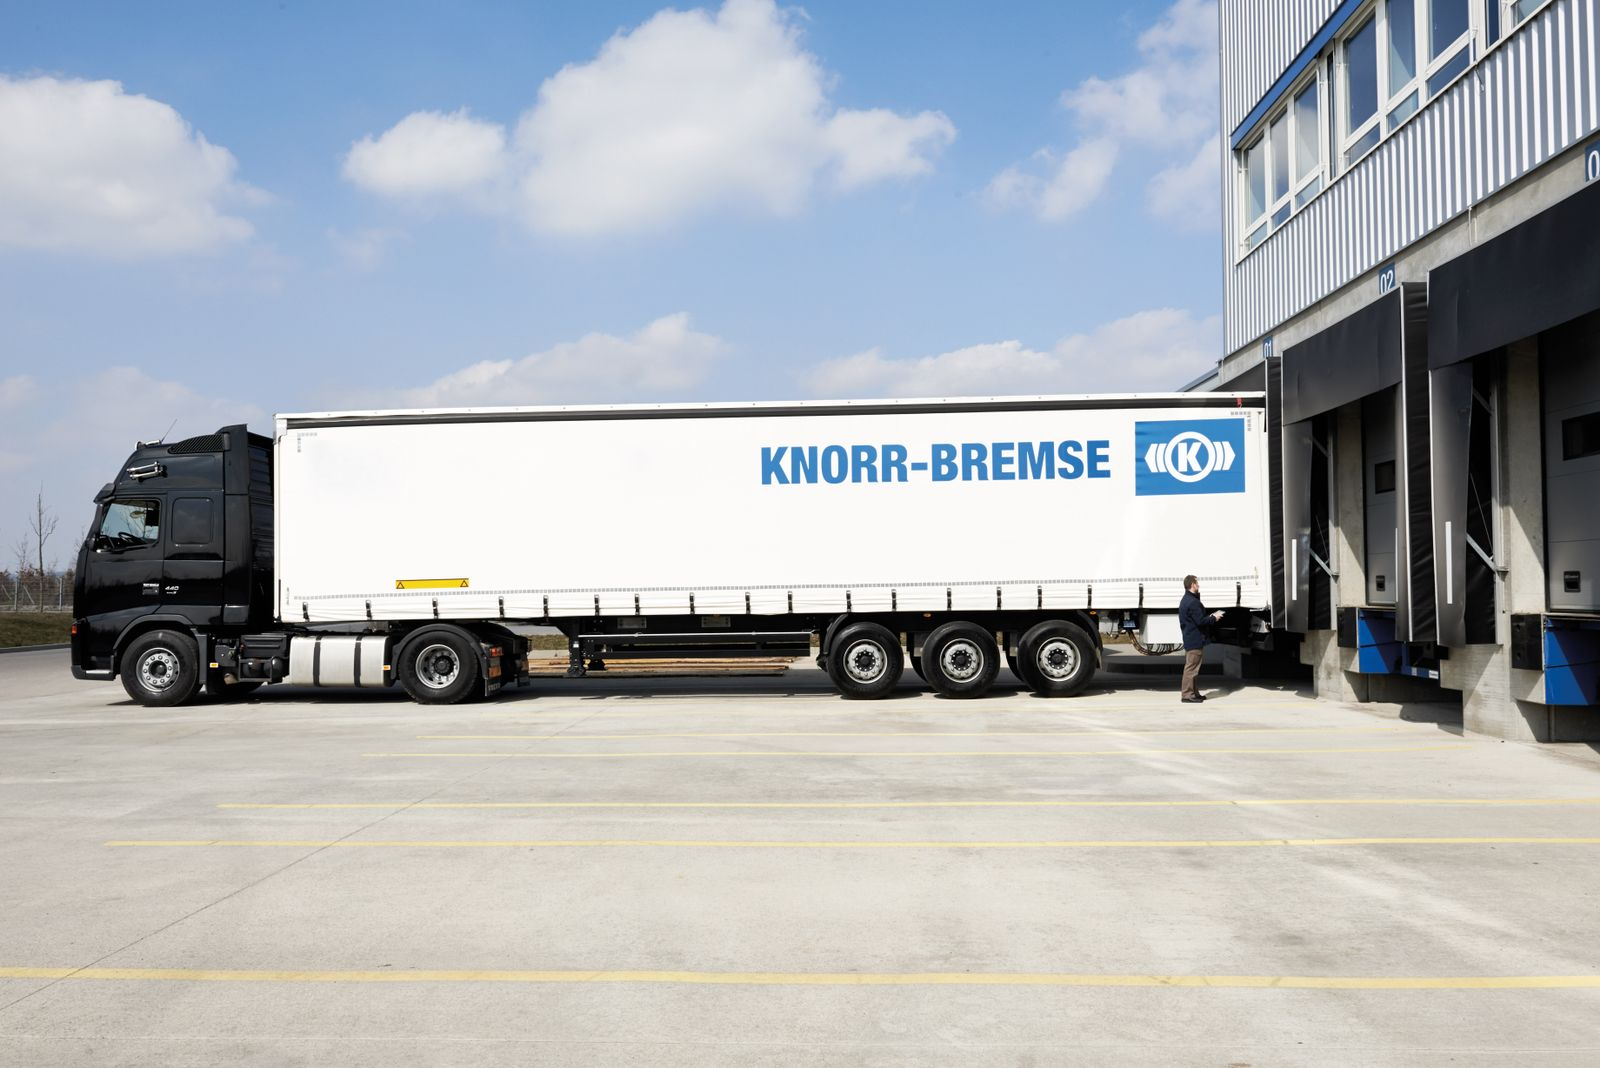 Knorr-Bremse AG